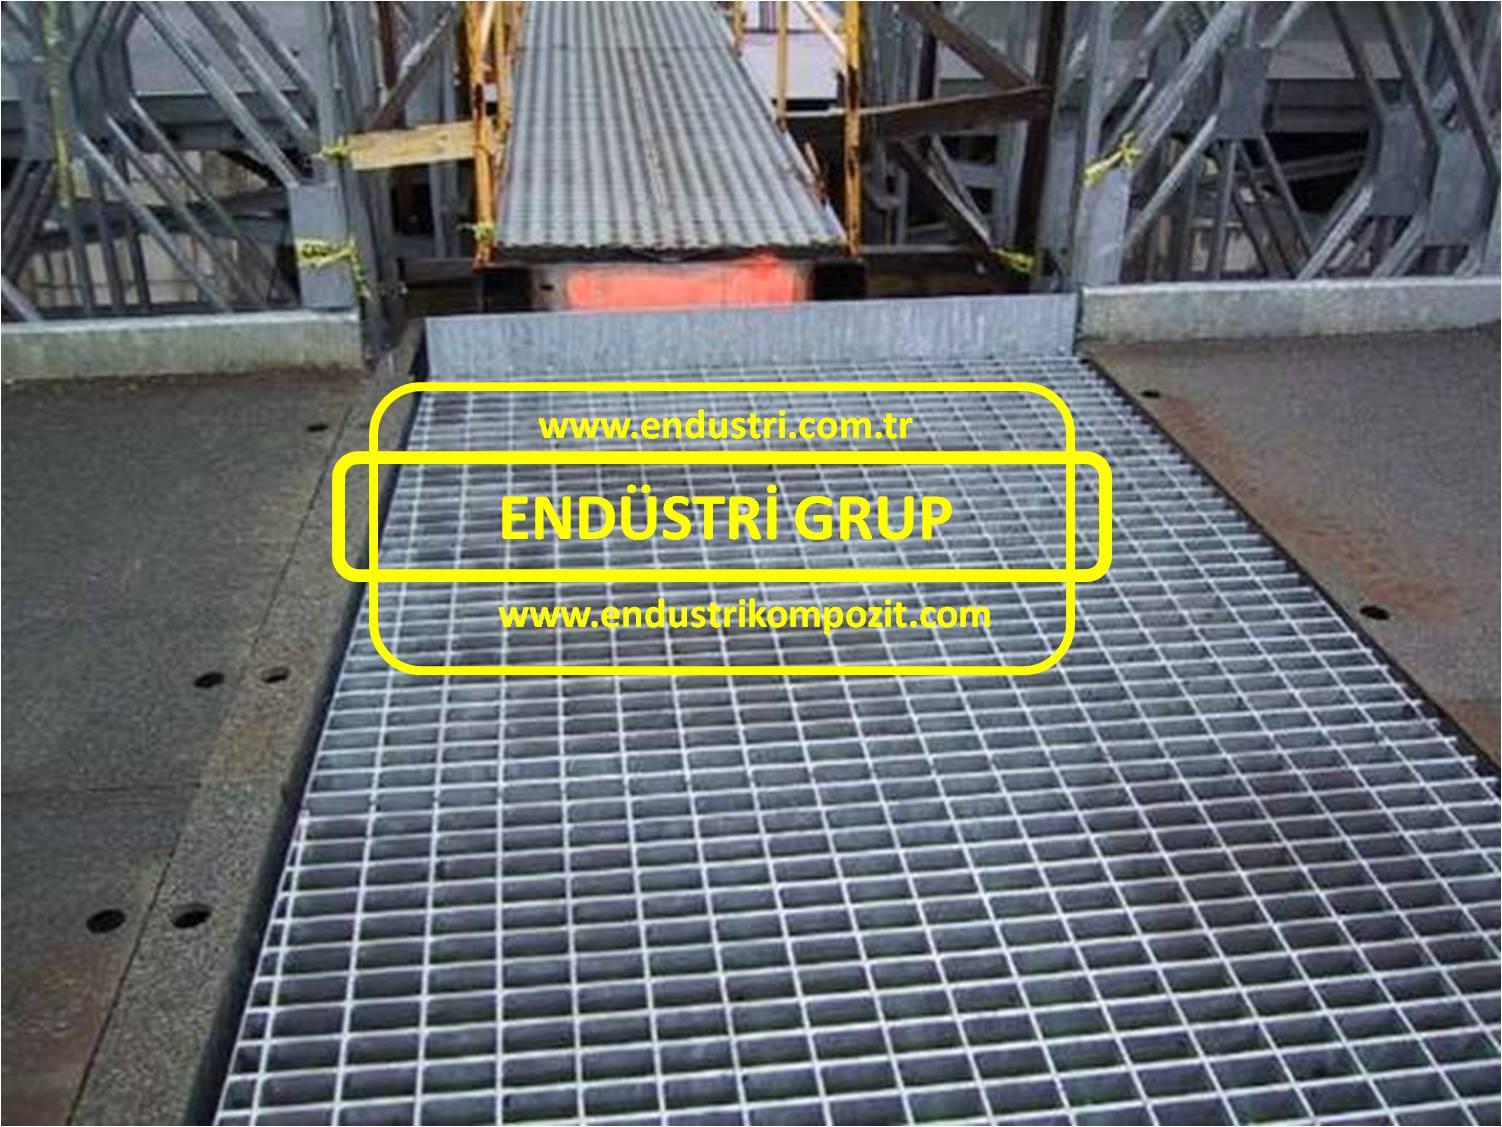 paslanmaz-galvaniz-kaplama-metal-petek-platform-yurume-yolu-izgarasi-izgaralari-fiyati-cesitleri